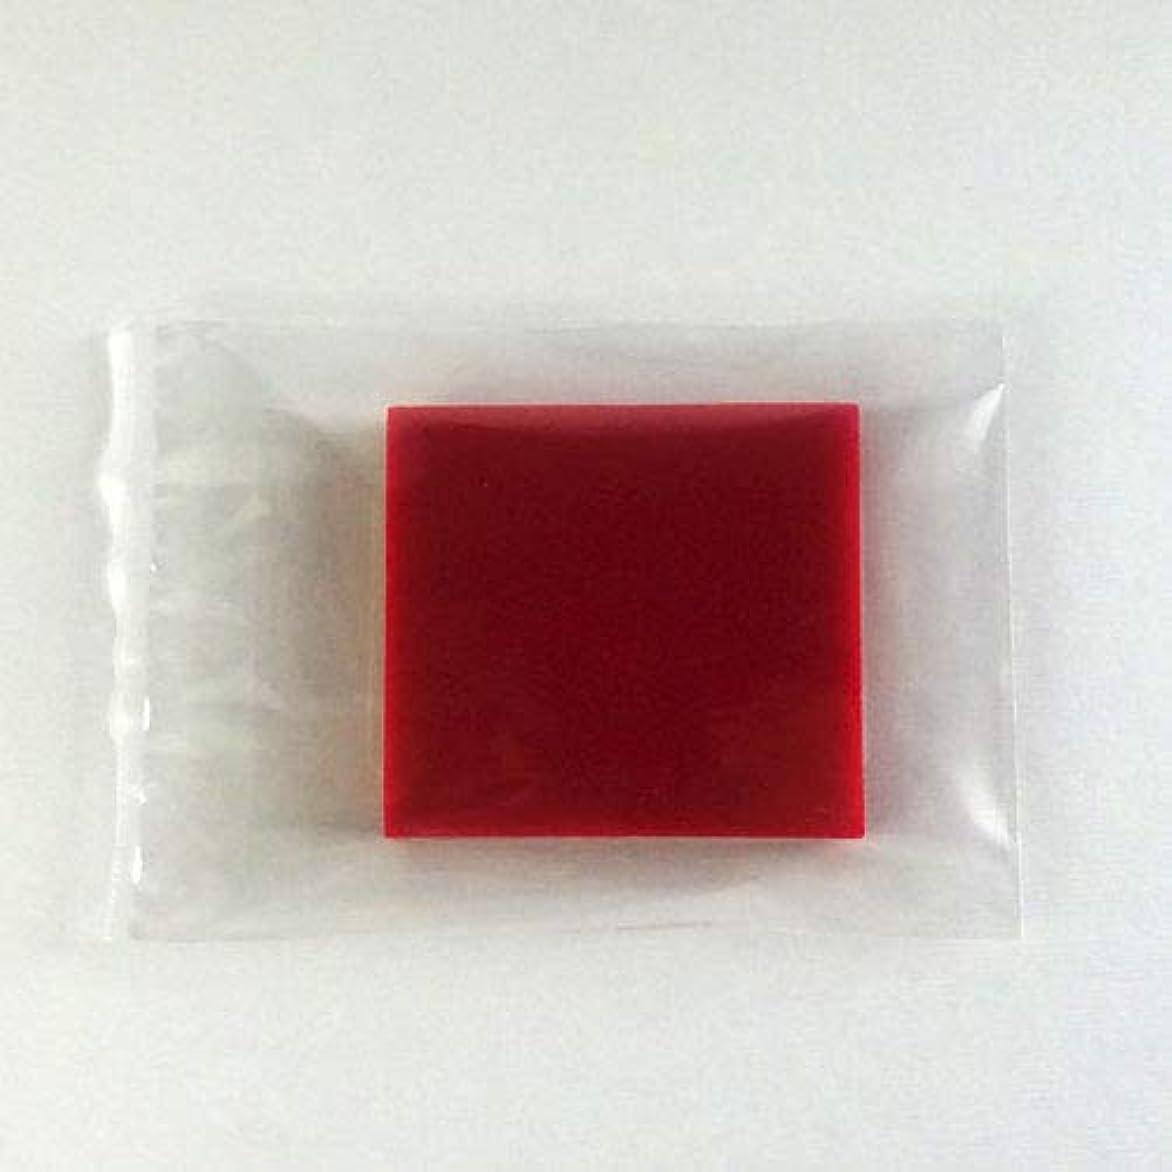 挽く持っている繰り返しグリセリンソープ MPソープ 色チップ 赤(レッド) 60g(30g x 2pc)